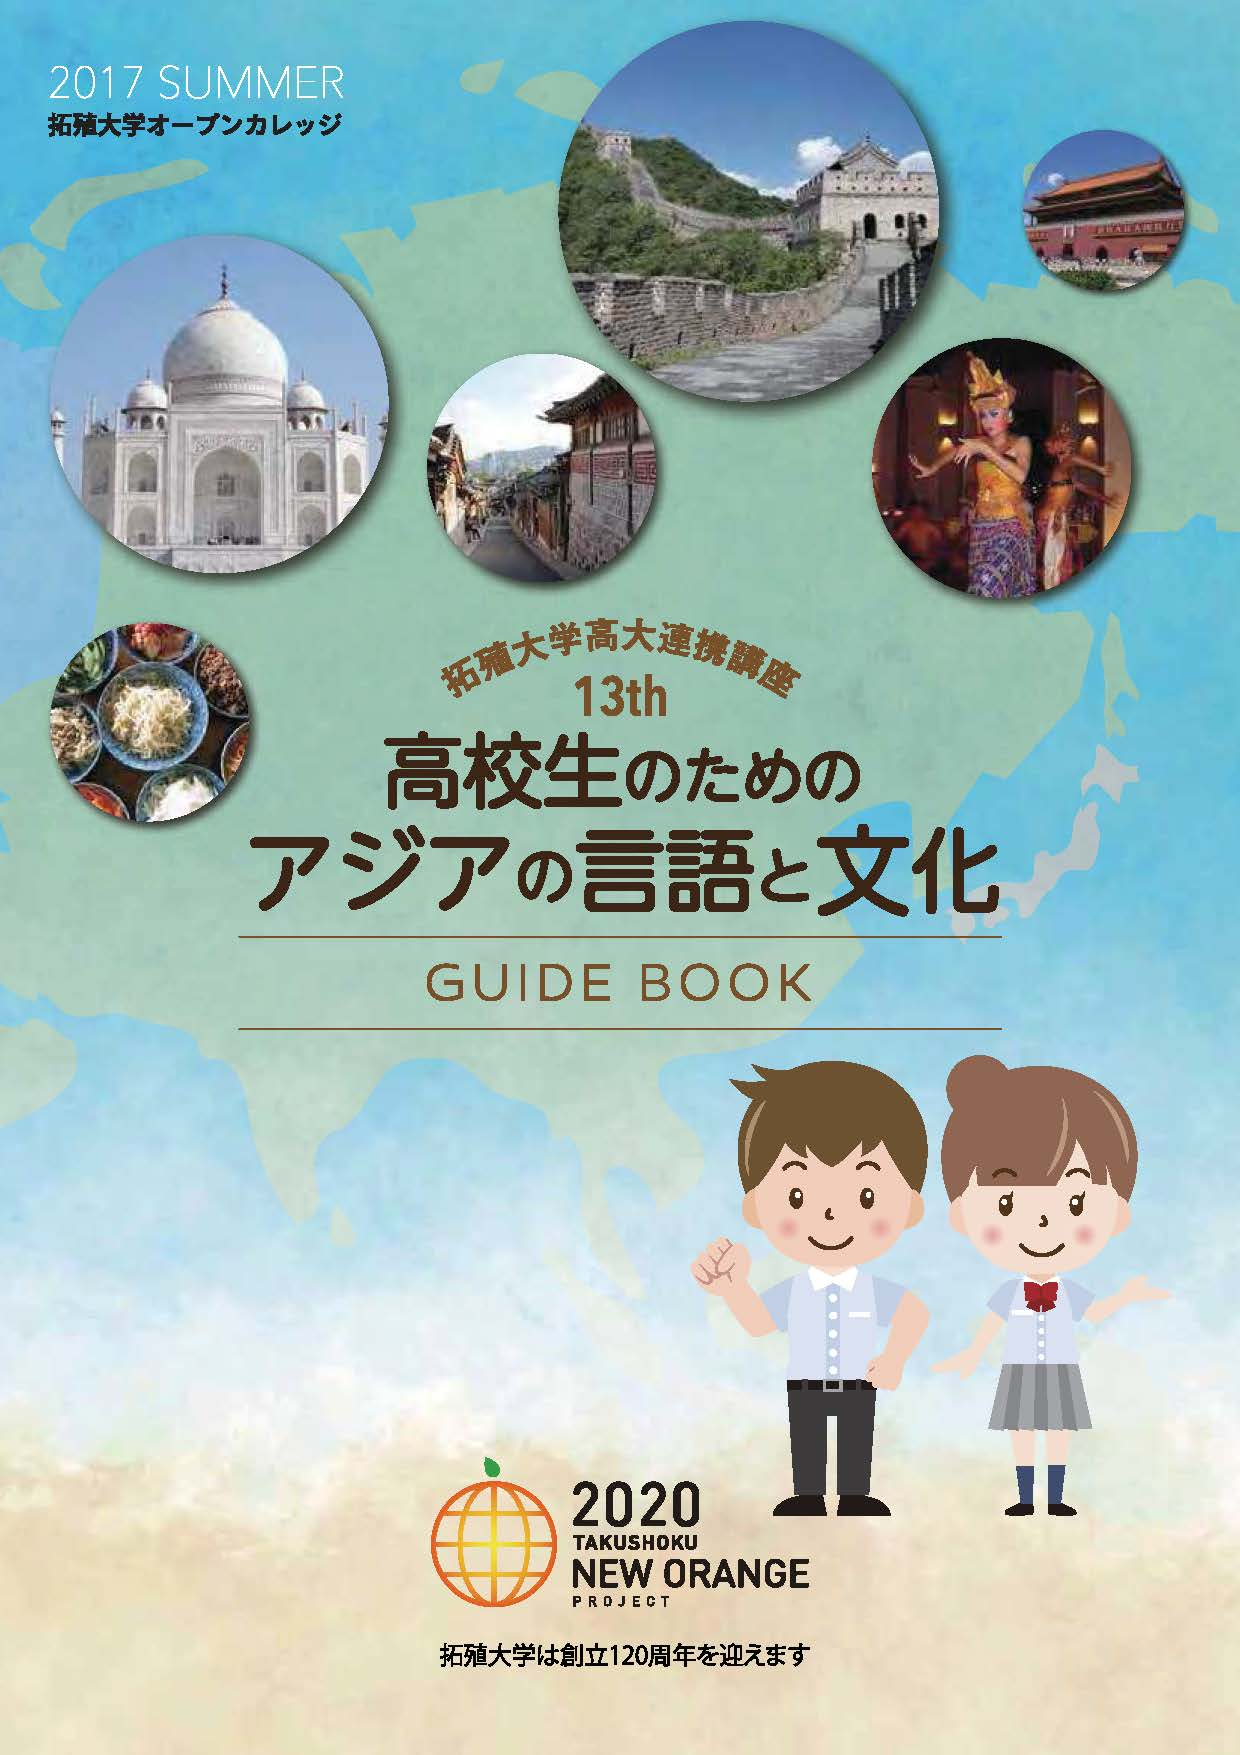 拓殖大学が8月1日~5日まで、高大連携講座「第13回 高校生のためのアジアの言語と文化」を開催 -- 文京キャンパスで学ぶ5日間のサマープログラム